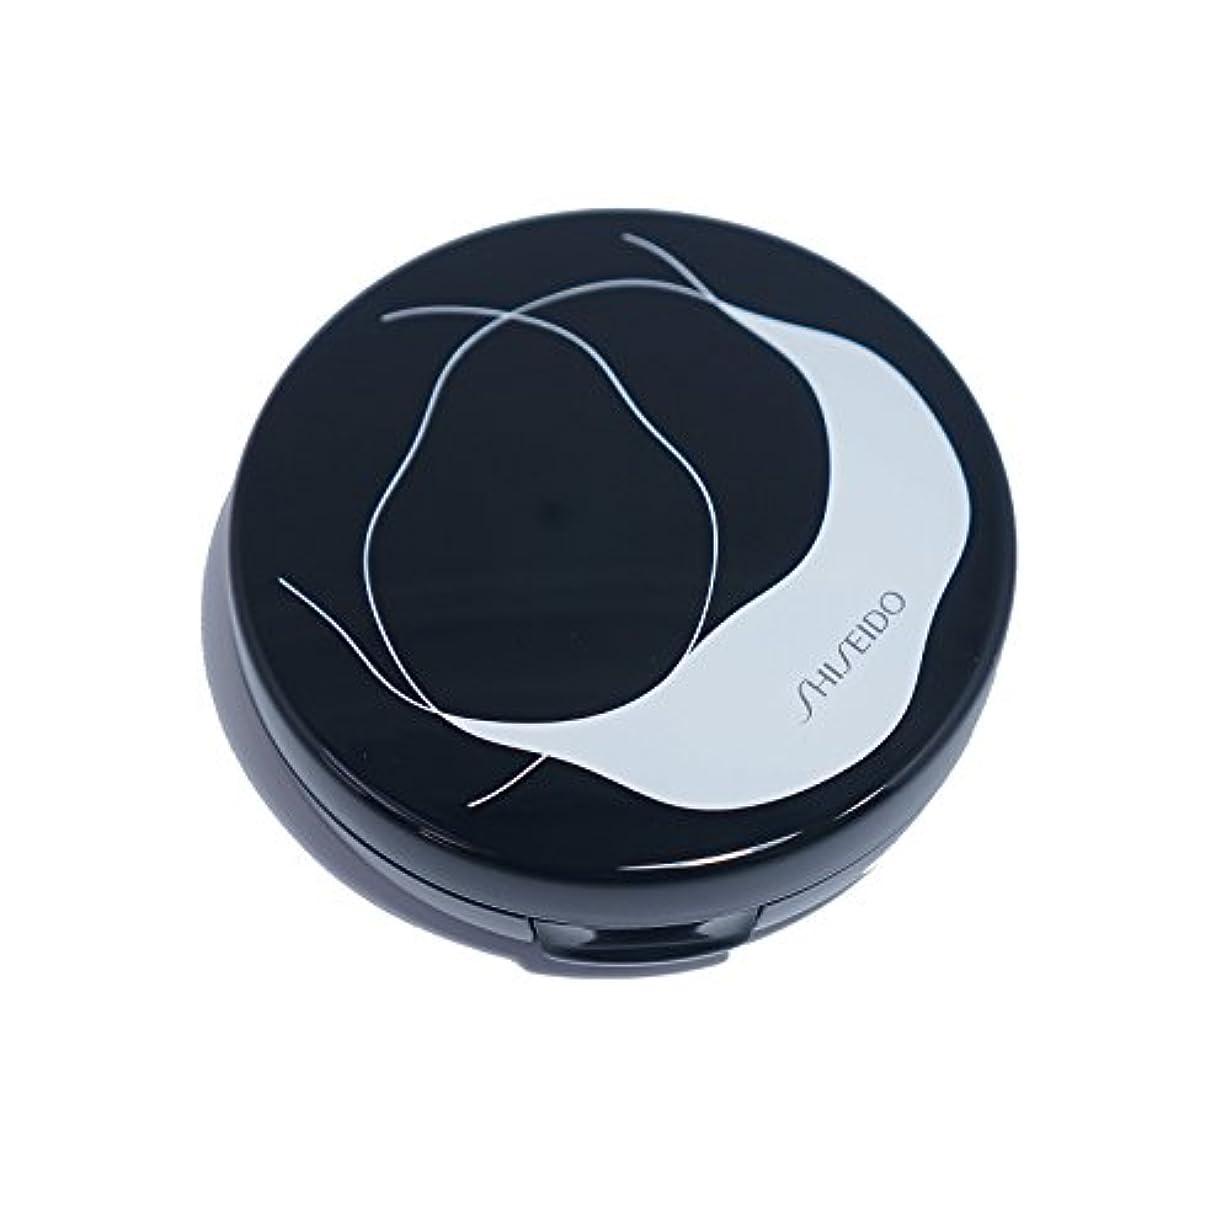 本土五十惨めなSHISEIDO 資生堂 シンクロスキン グロー クッションコンパクト オークル10 レフィル&ケースのセット 国内正規品